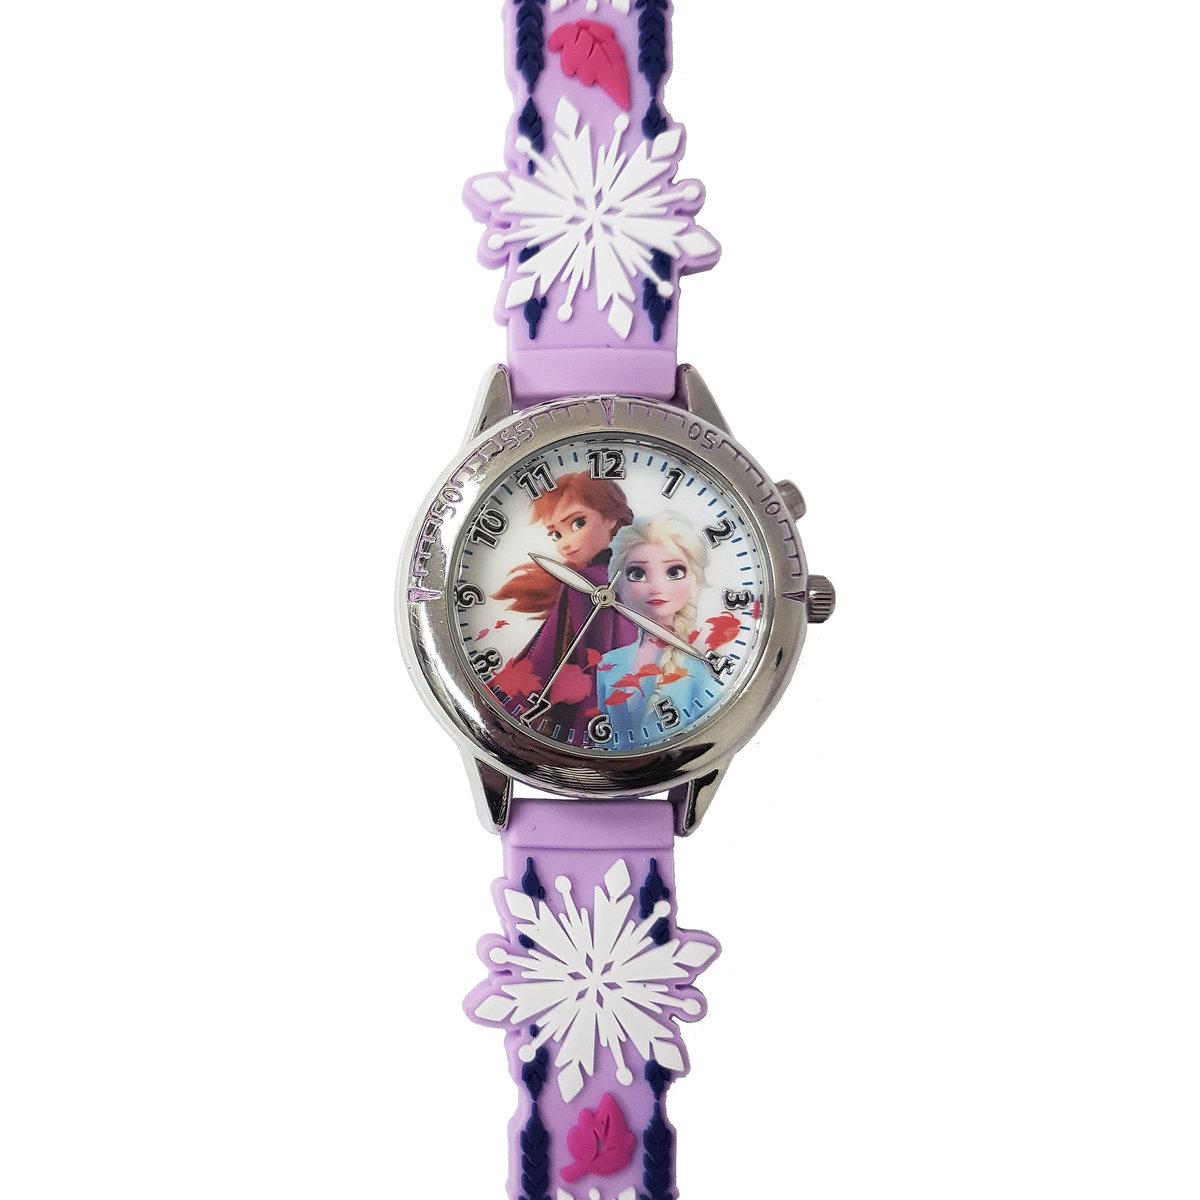 魔雪奇緣 2 DISNEY FROZEN 2 閃燈手錶 - Elsa/Anna (迪士尼許可產品)